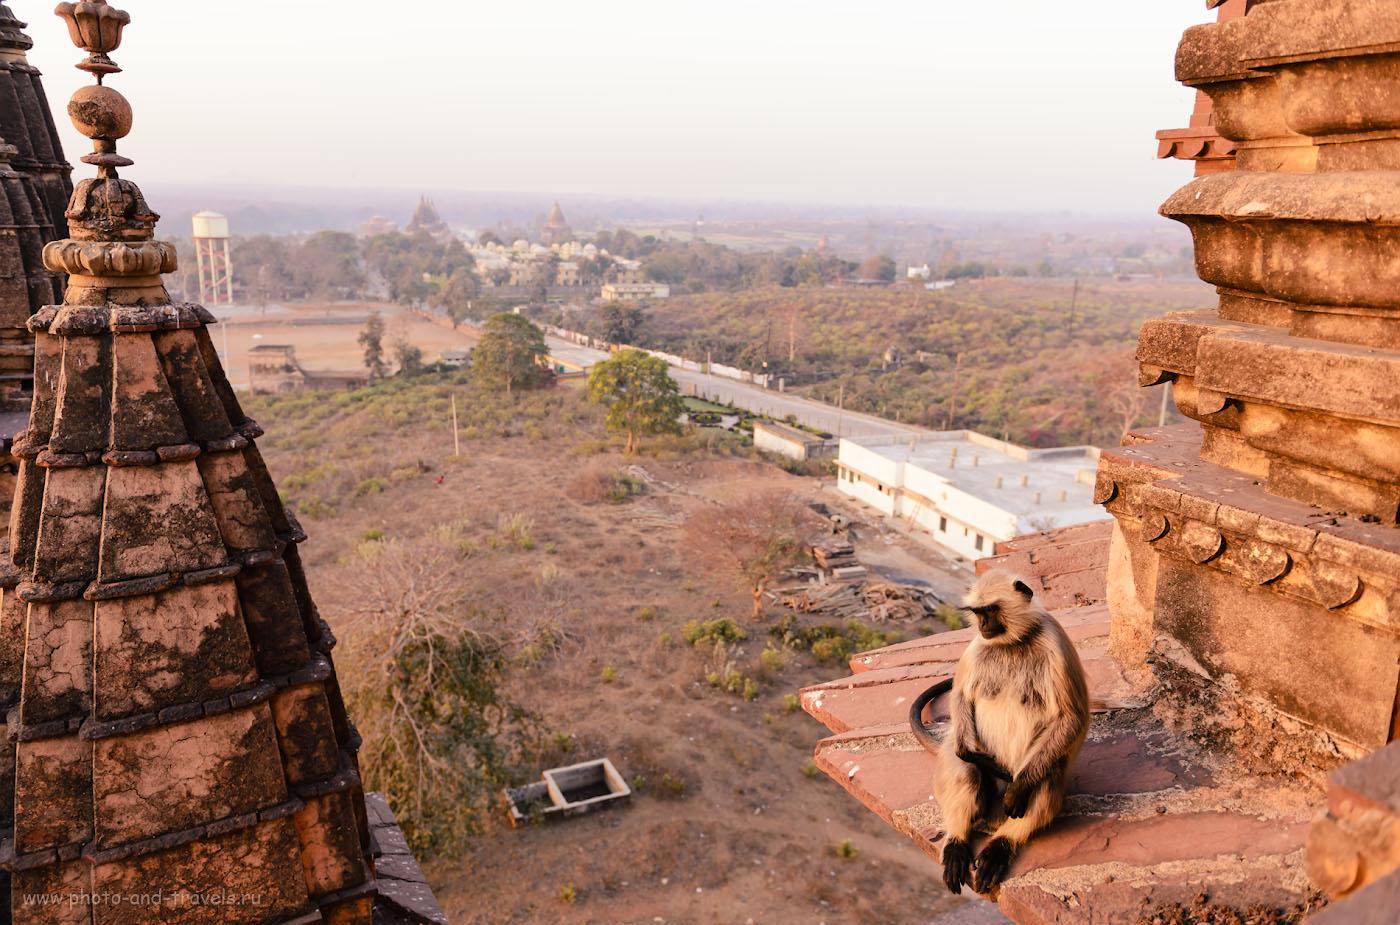 Снимок 17. Утро на крыше храма Чатурбхудж Мандир в Орчхе. 1/125, 2.8, 100, 24.